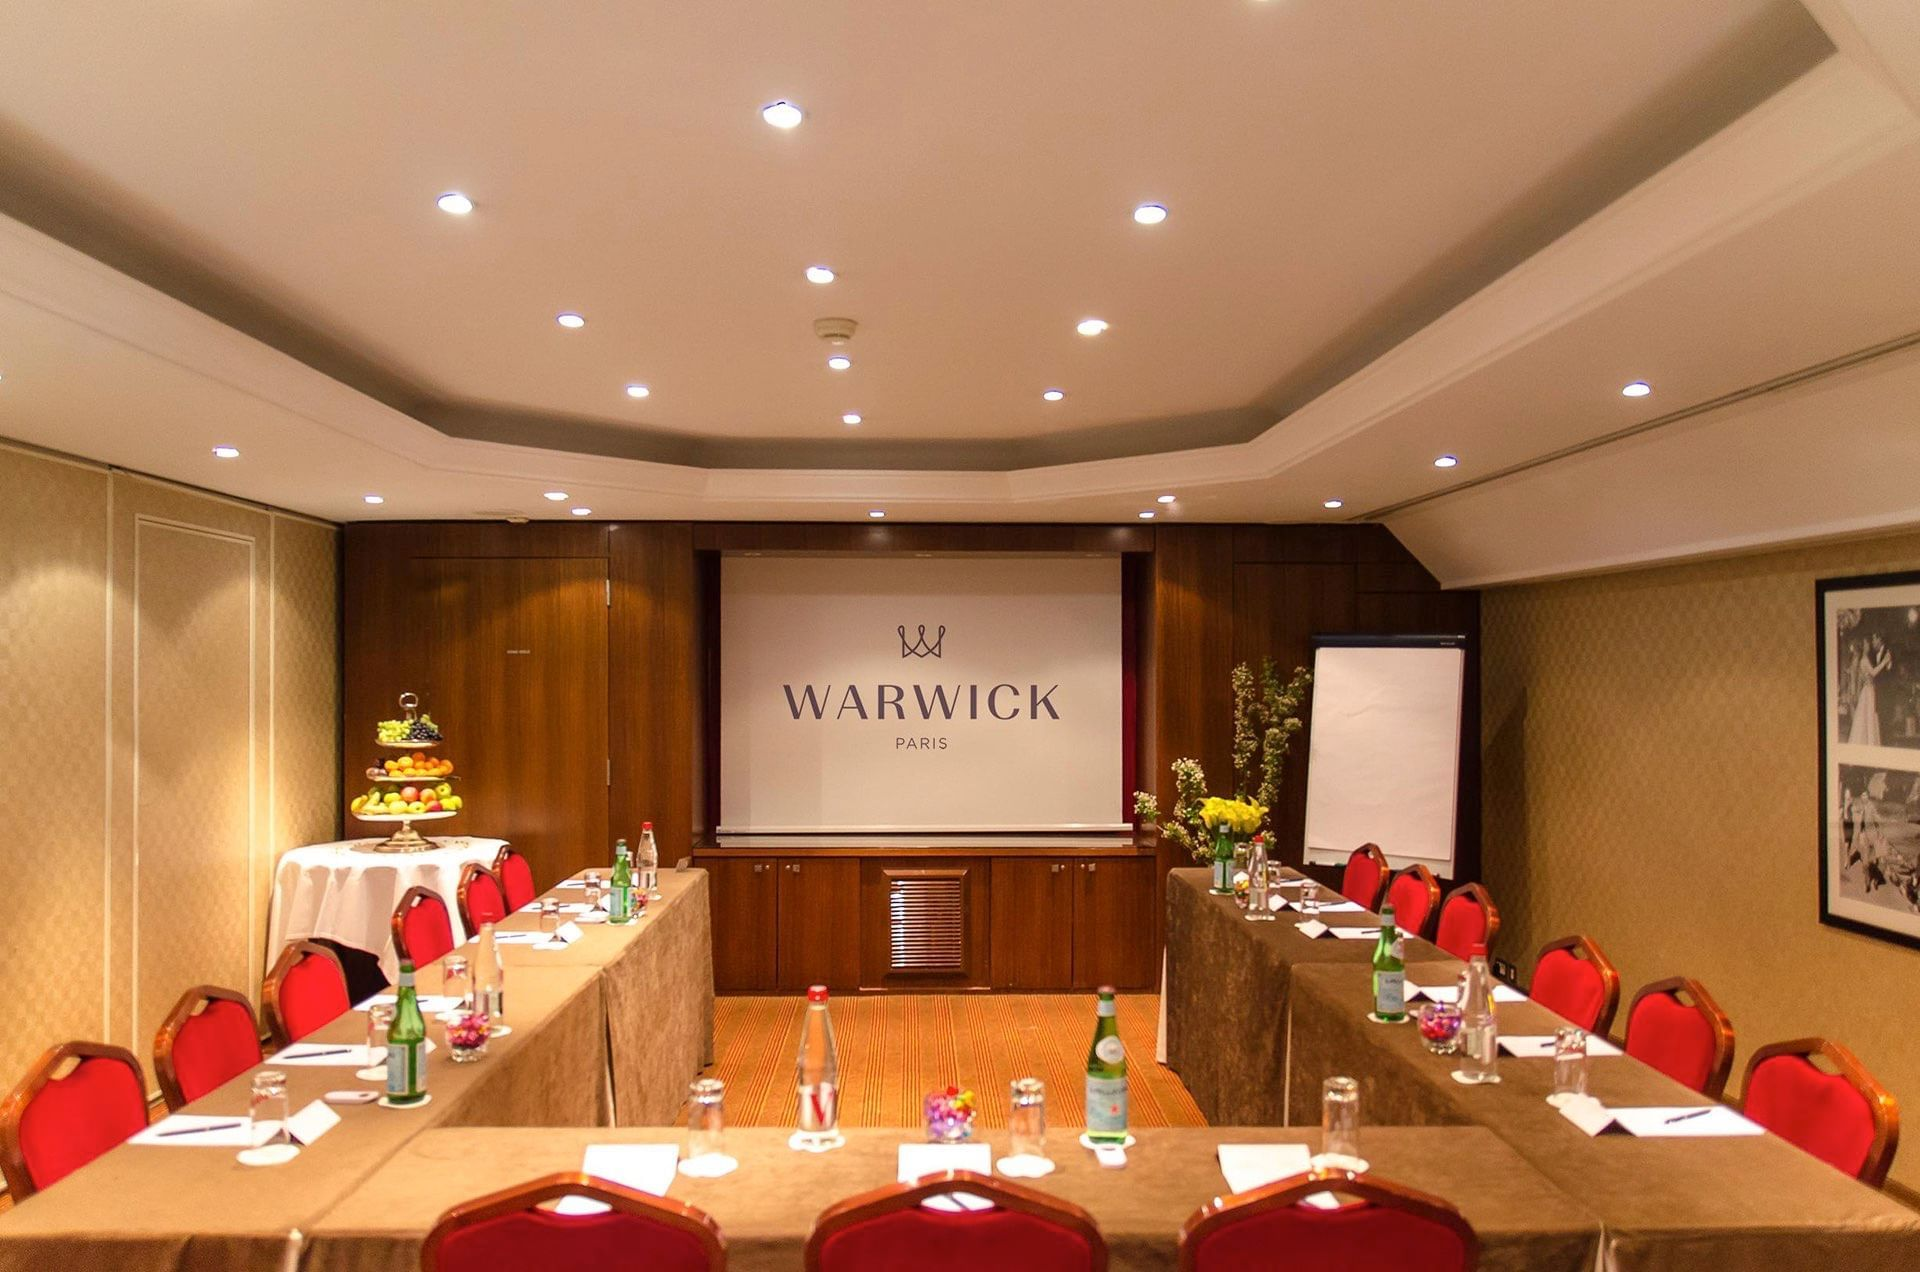 Salle de réunion en configuration en U